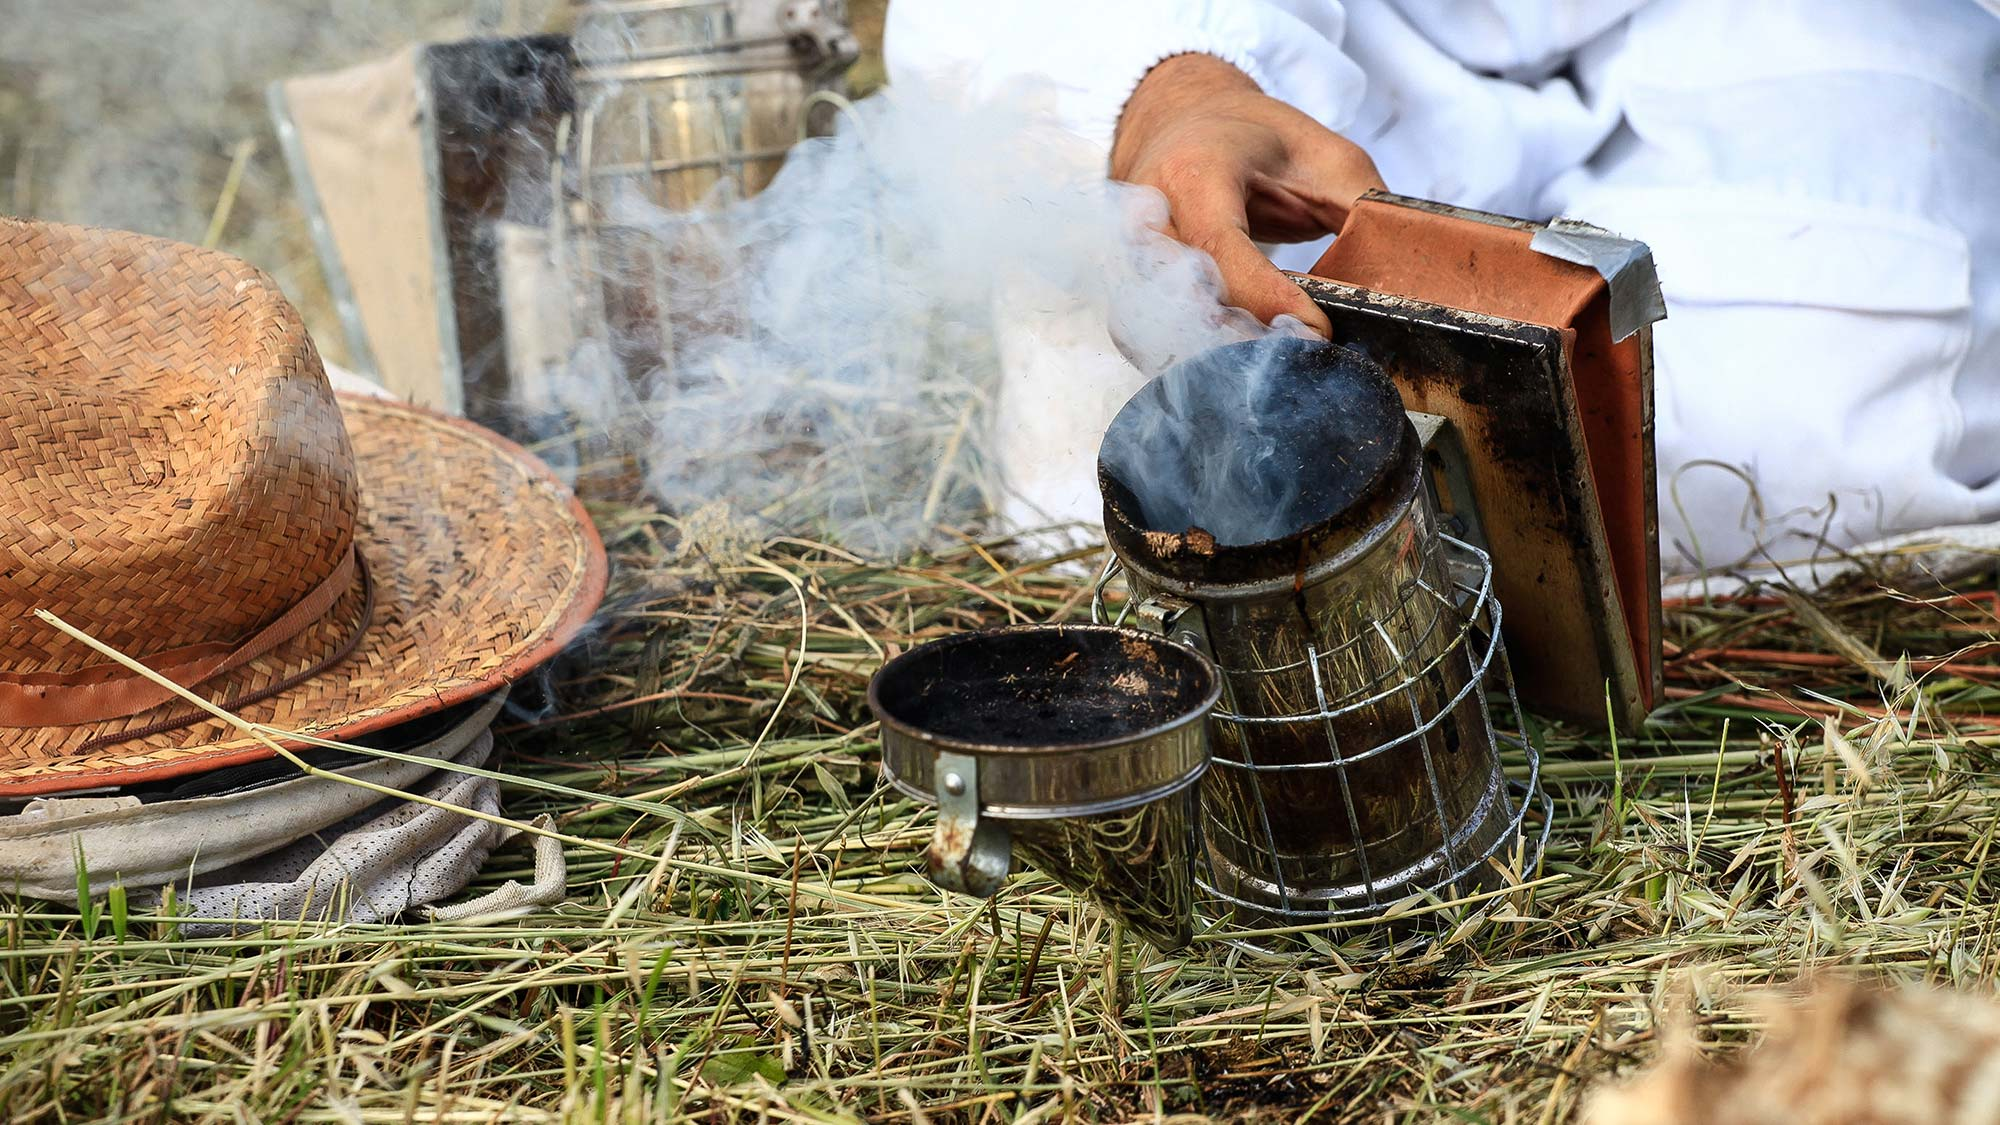 Beekeeper preparing smoker